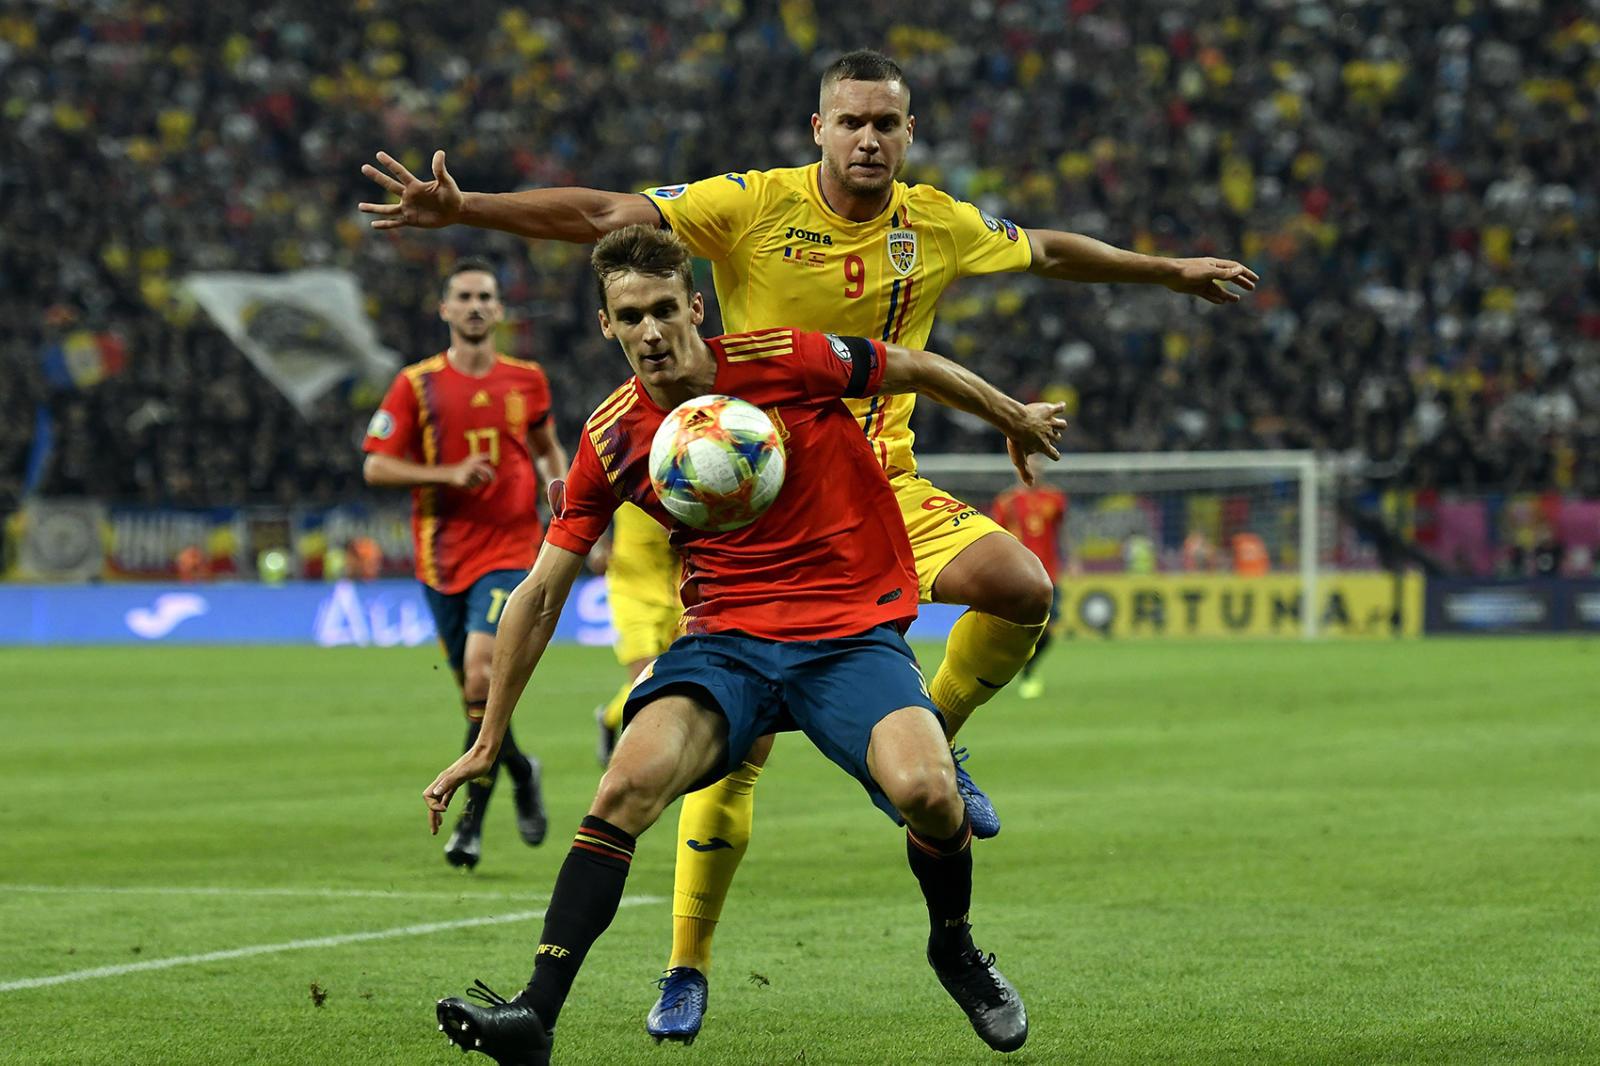 România a coborât opt poziţii şi este pe locul 37 în clasamentul FIFA